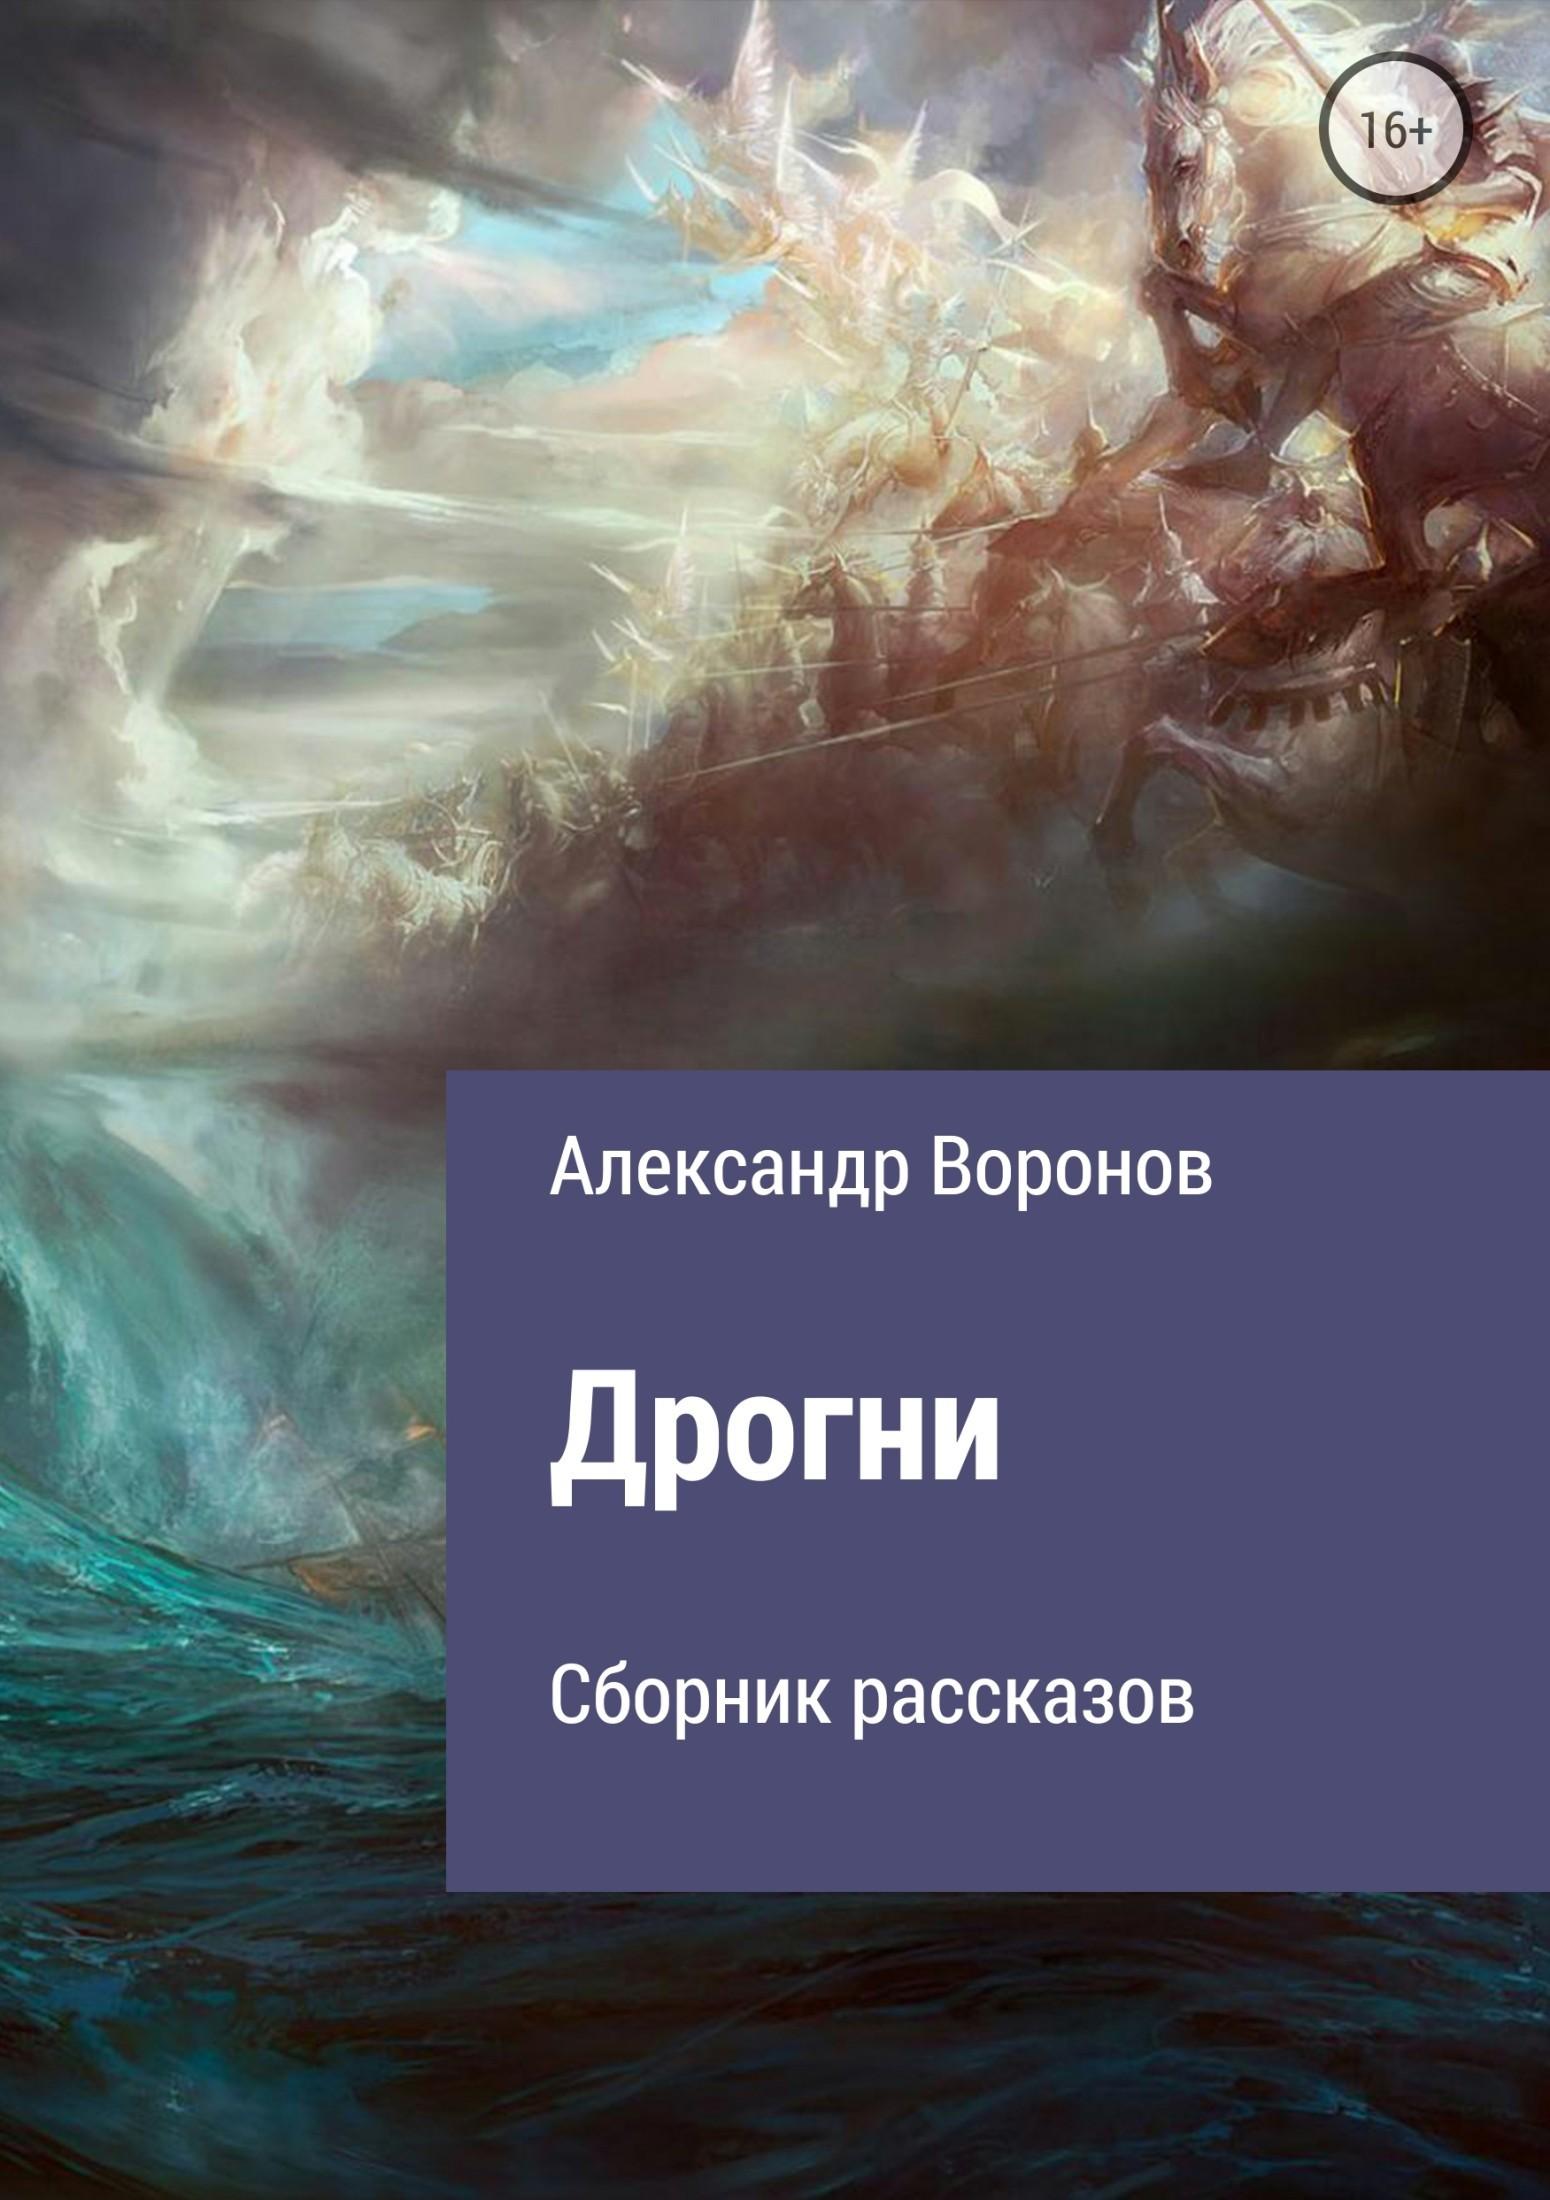 Александр Воронов Дрогни. Сборник рассказов